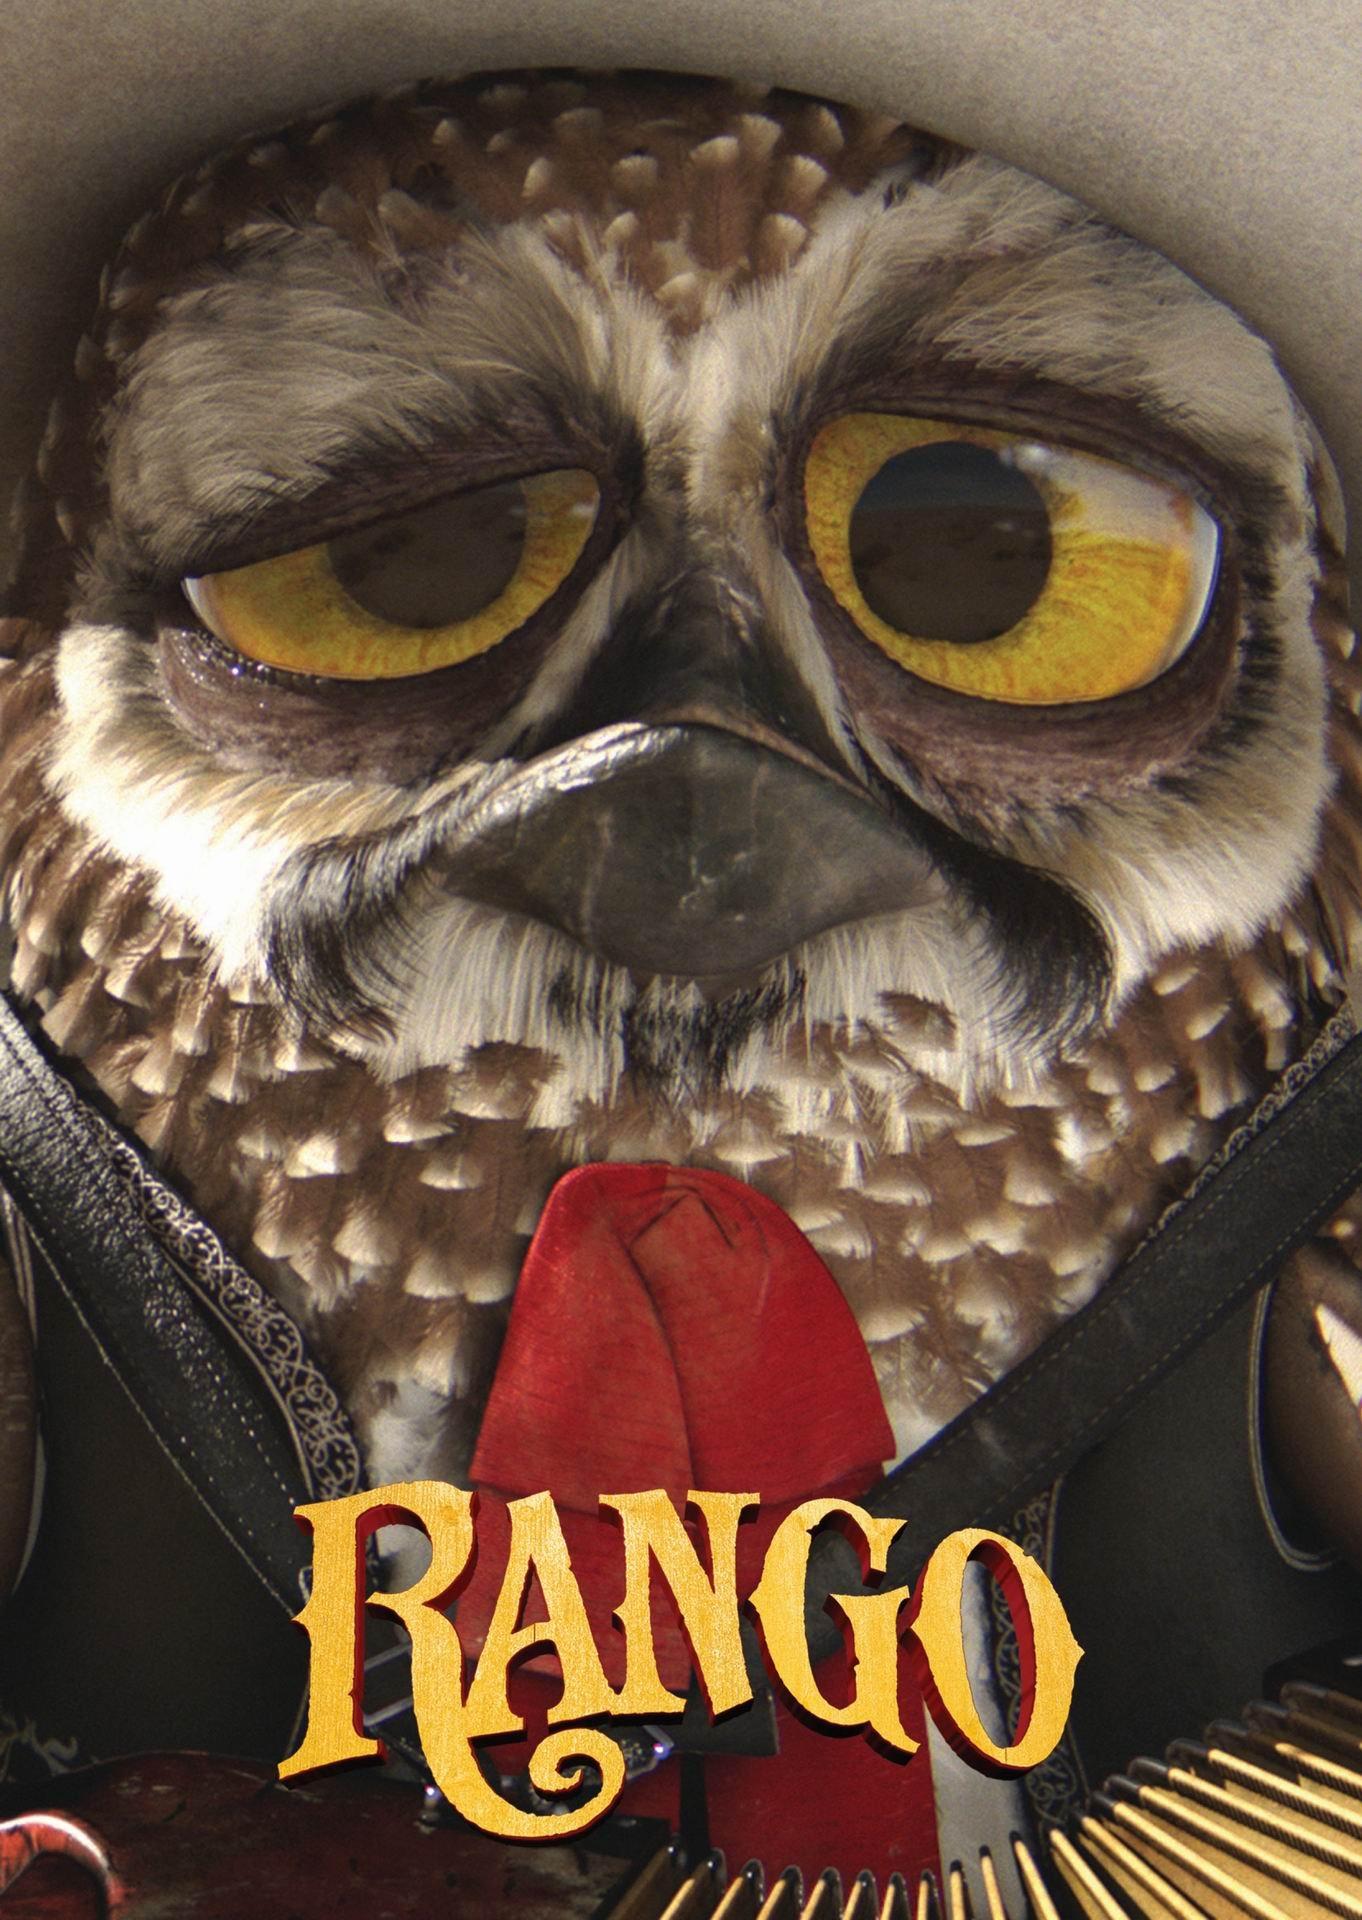 Rango (2011) poster - FreeMoviePosters.net